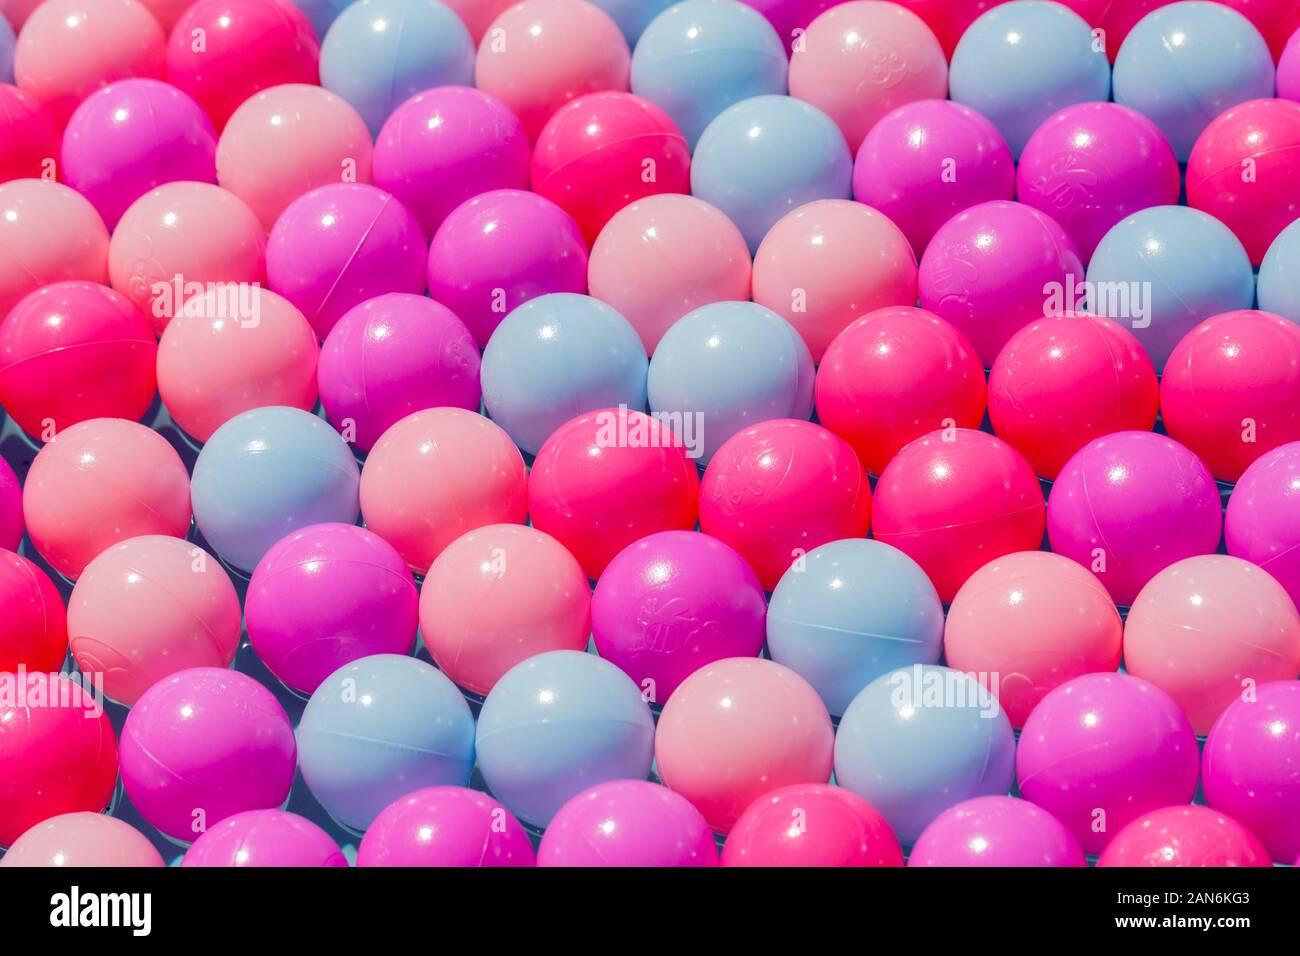 Bolas de plástico de varios colores perfectamente alineados en varias filas. Concepto. Símbolo de unidad, perfección, diversidad, alginment, siendo diferente. Foto de stock